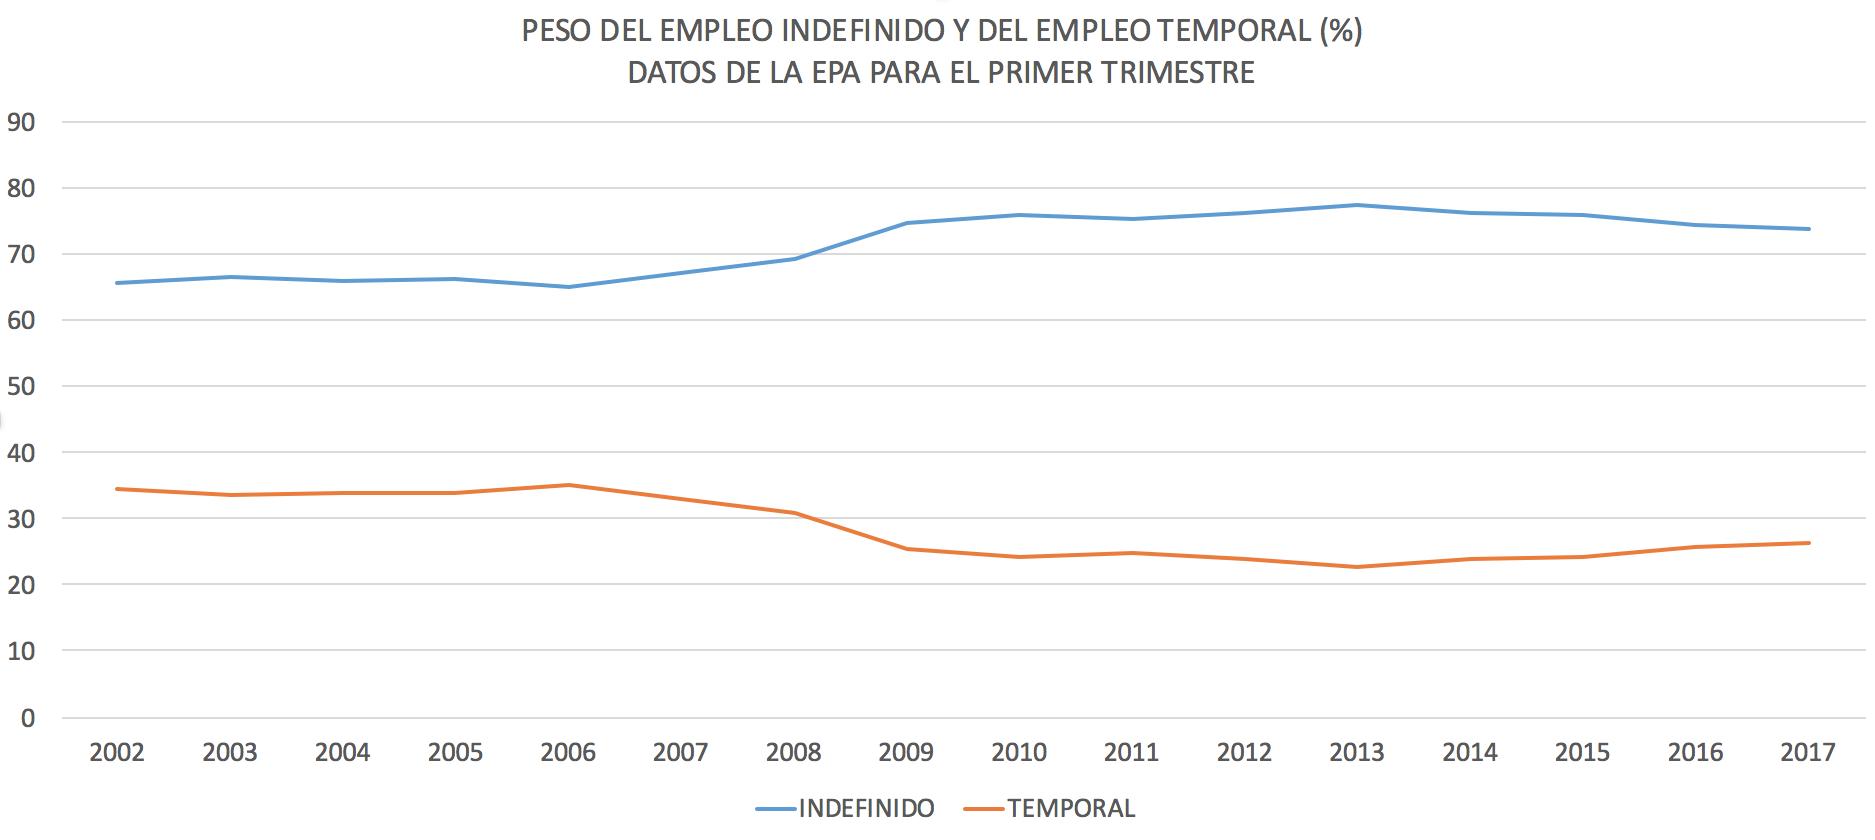 Empleo-indefinido-Reforma-laboral.png